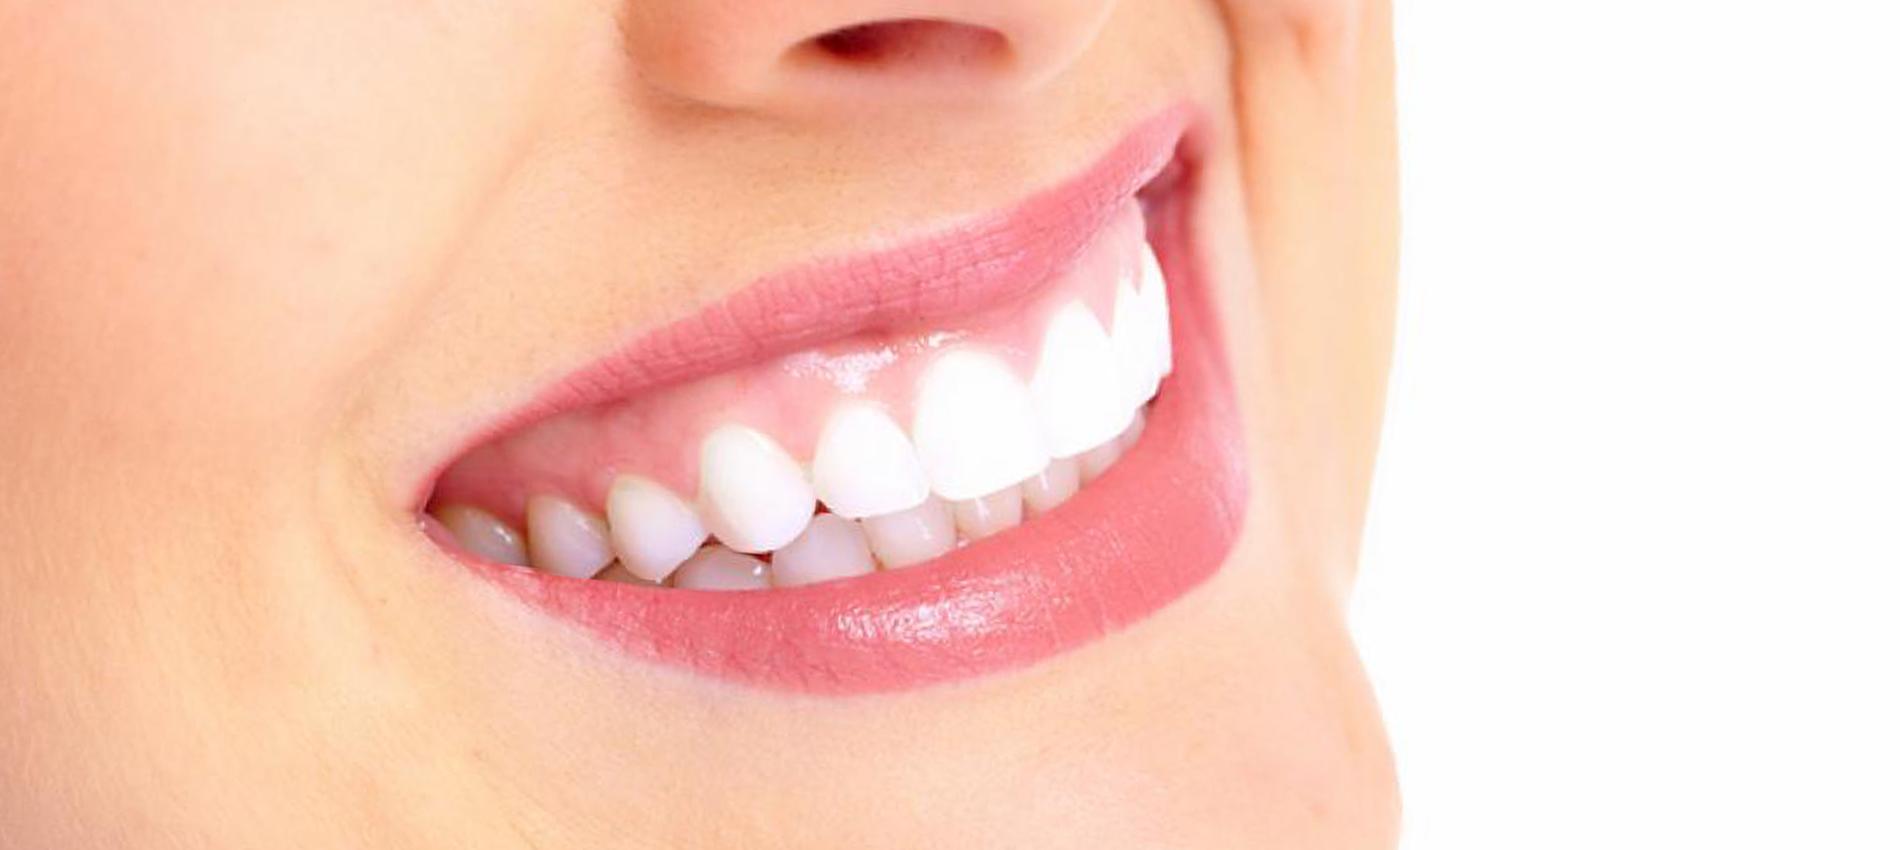 Hoe krijg ik witte tanden?